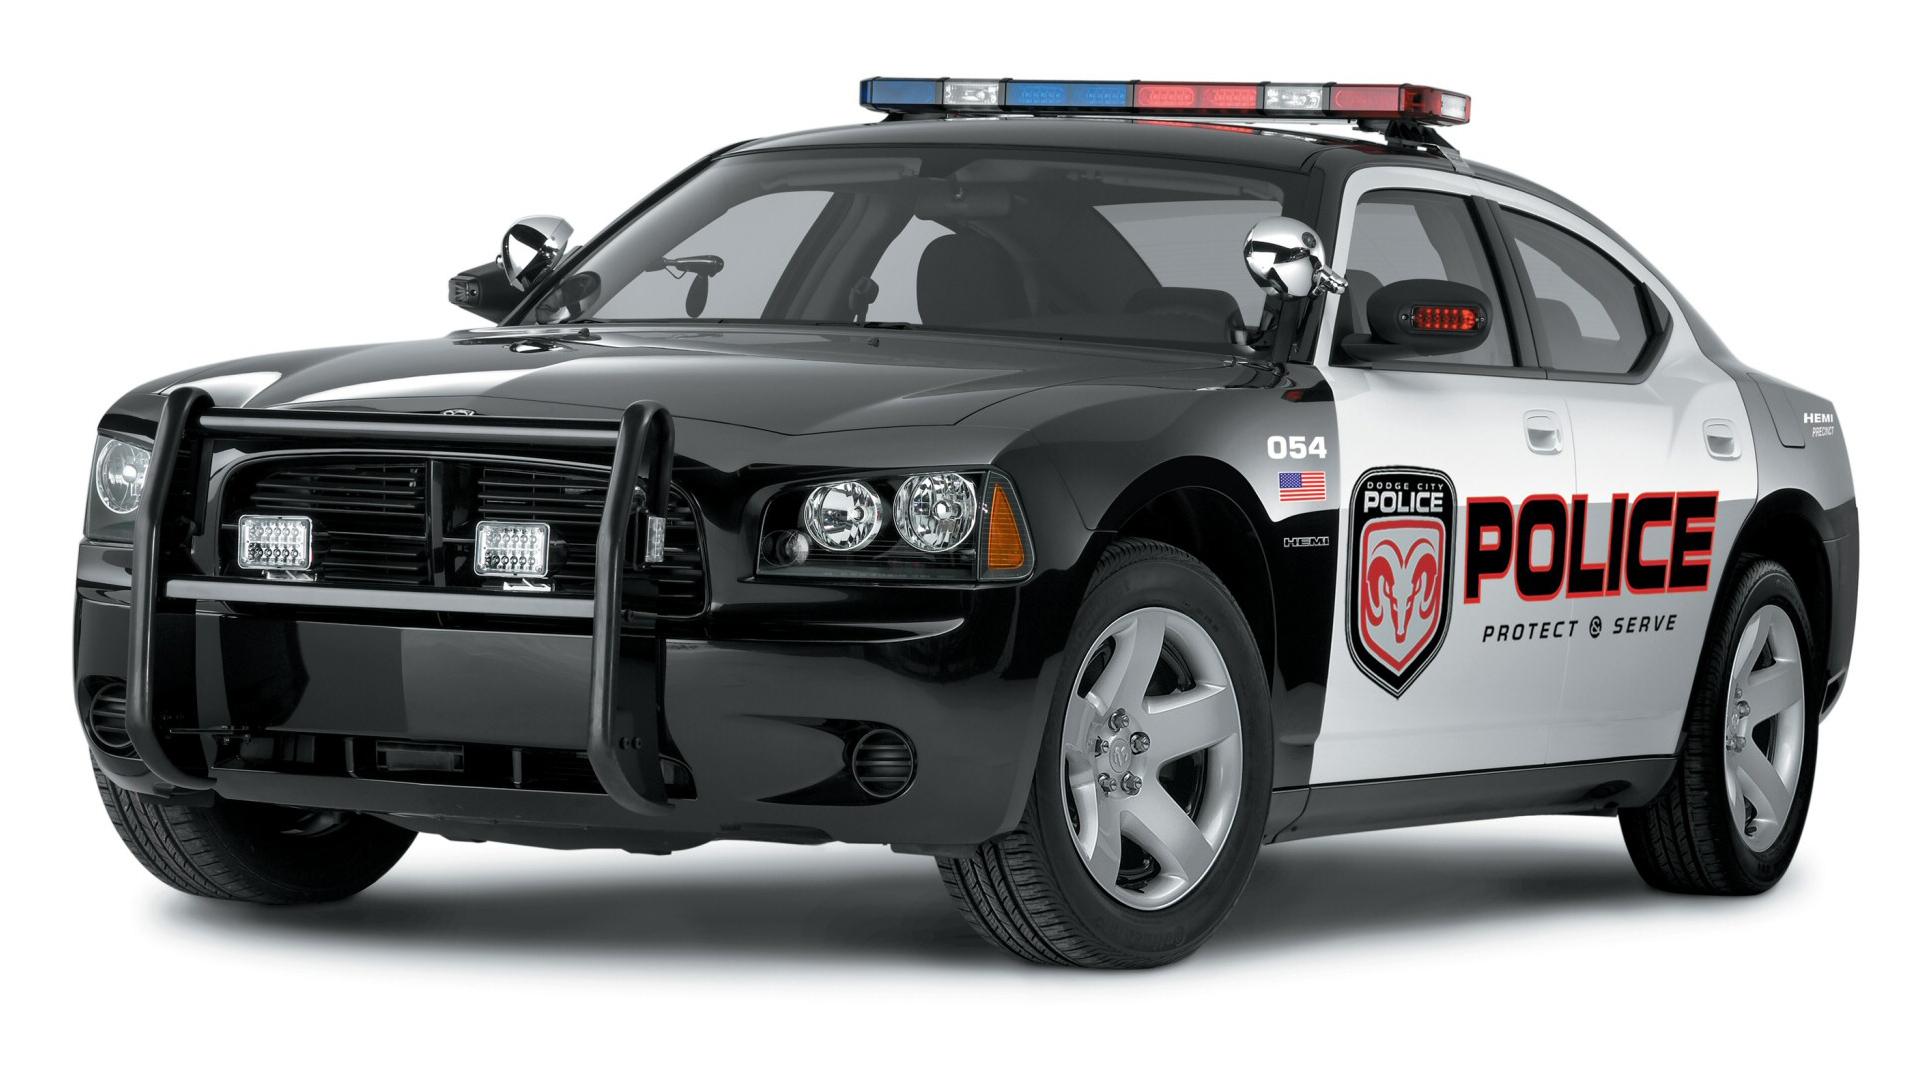 Обои Полицейская машина картинки Обои для рабочего стола Полицейская машина фото из альбома